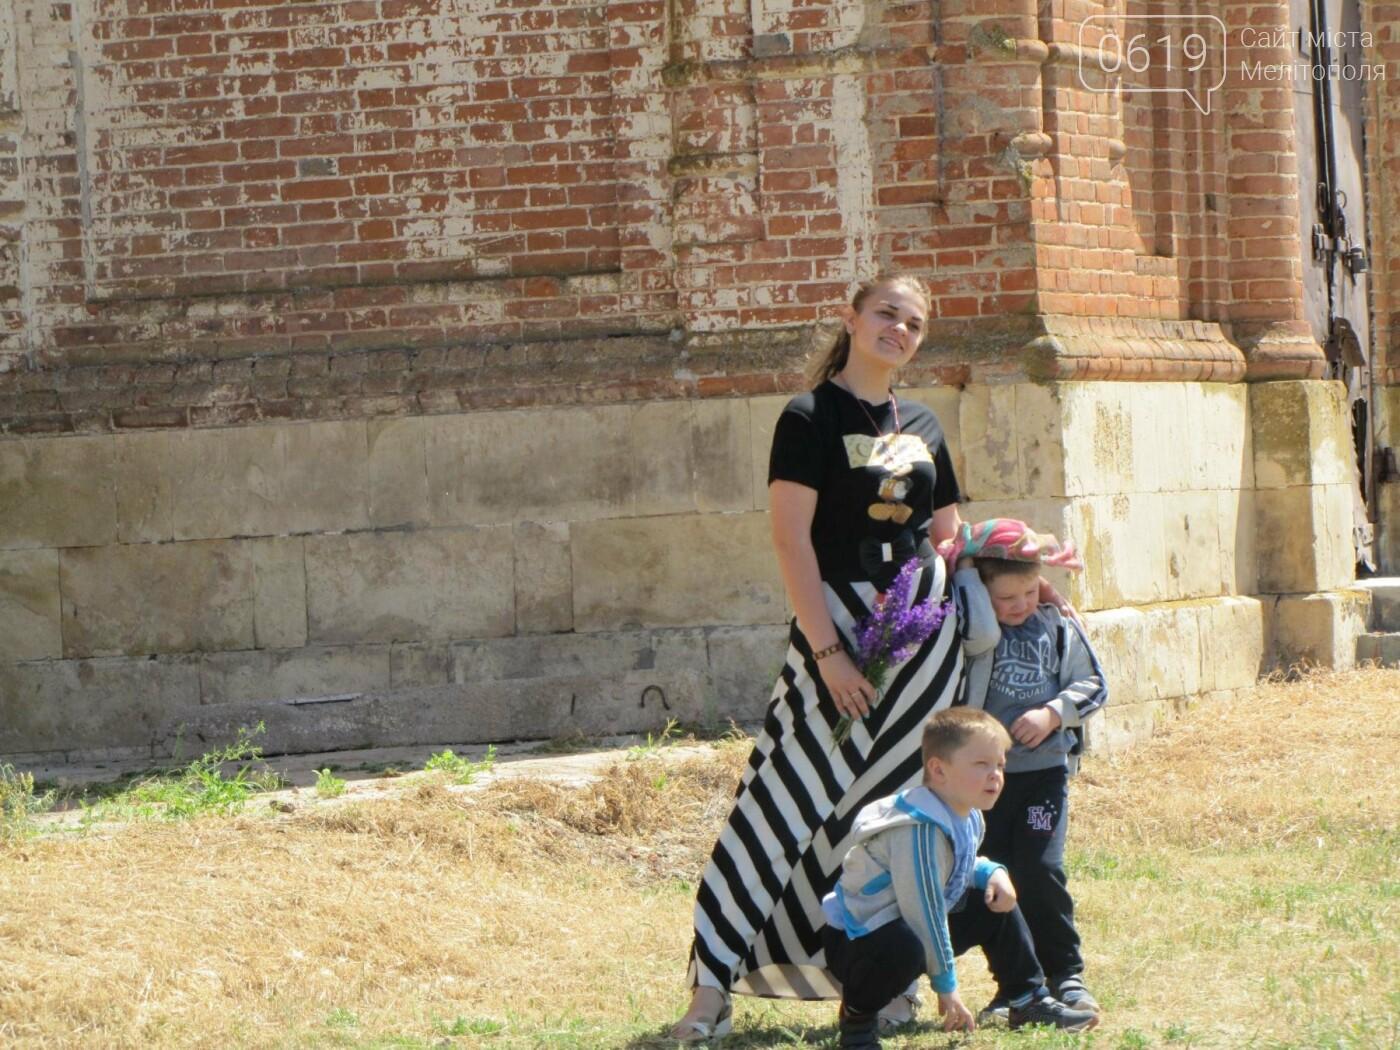 Жители Мелитопольщины отпраздновали Троицу, фото-10